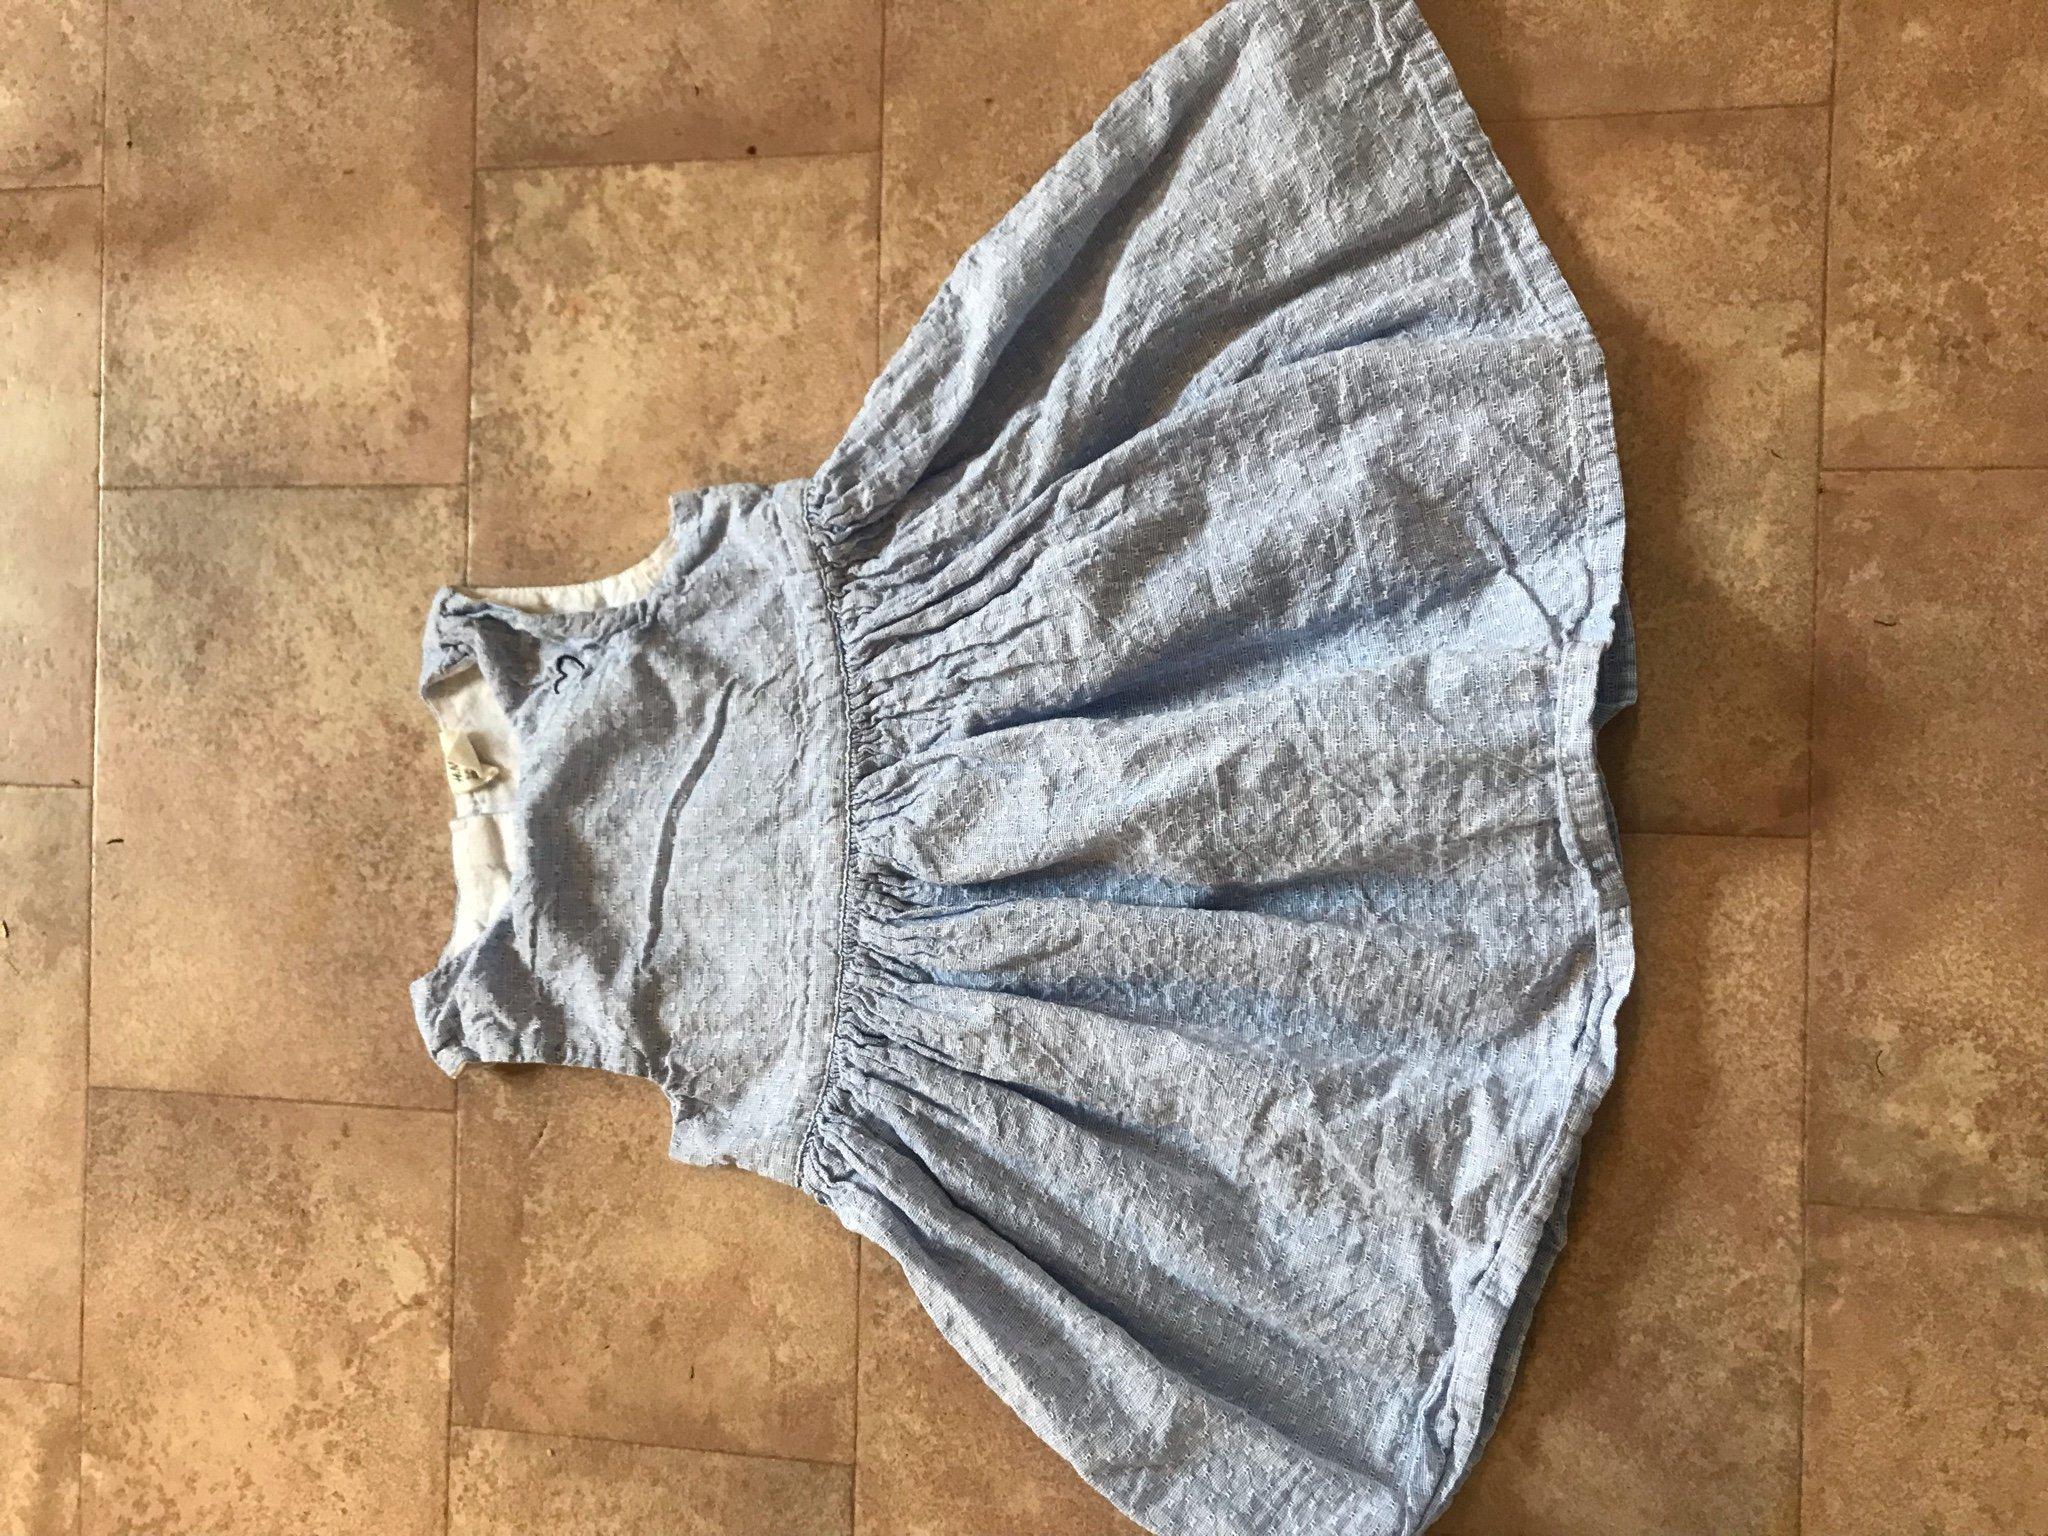 2a943998642f Fin barnklänning från H&M (351383685) ᐈ Köp på Tradera